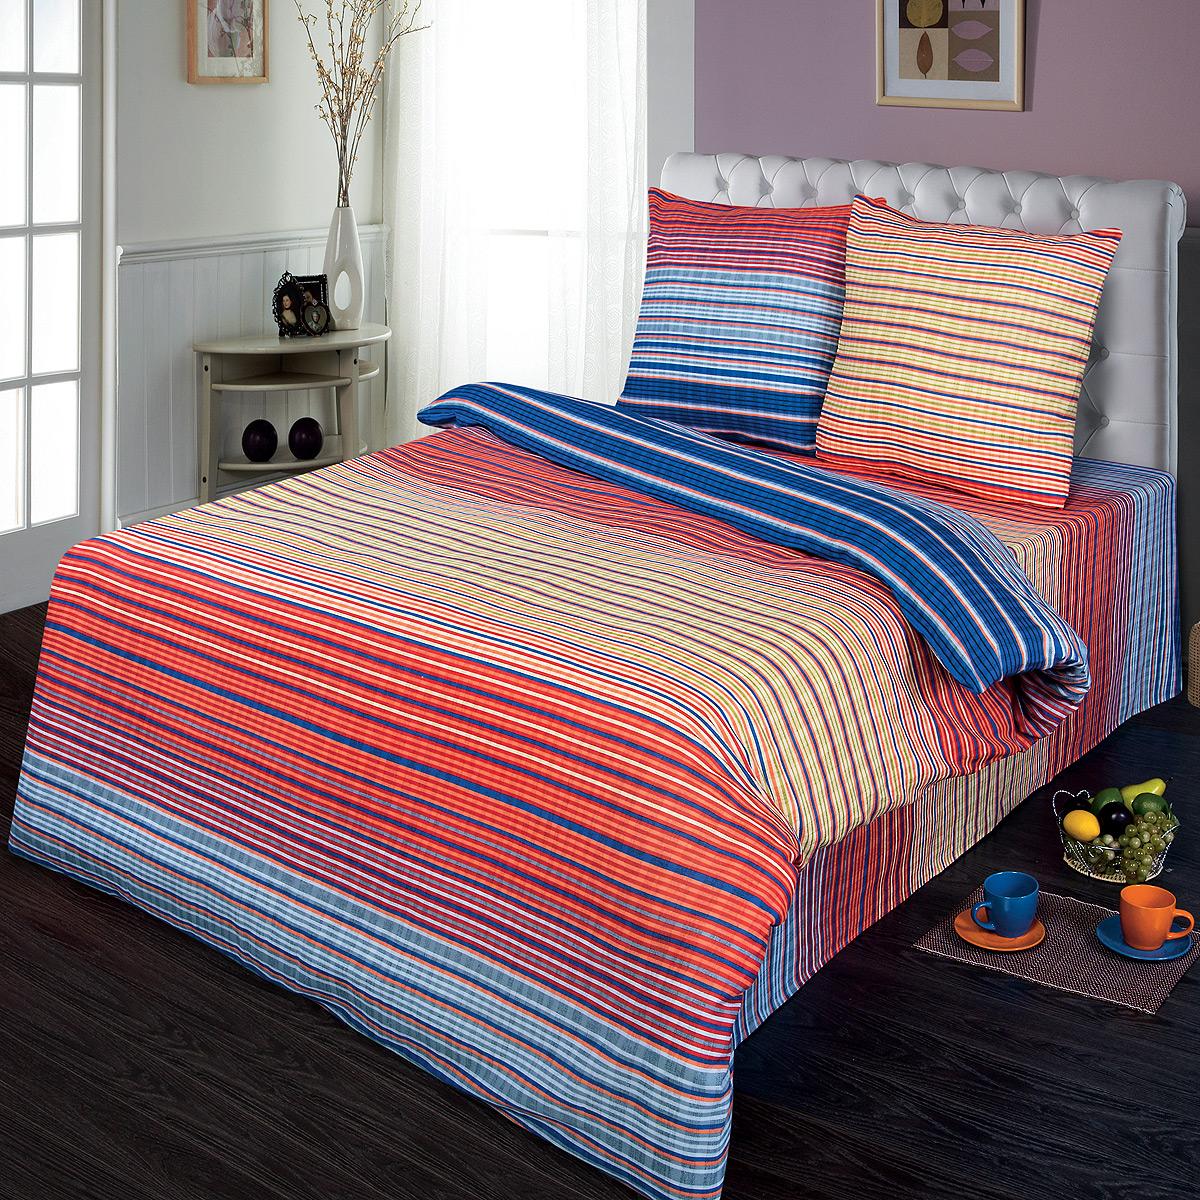 Комплект белья Шоколад Кавалер, 1,5-спальный, наволочки 70x70. Б100Б100Комплект постельного белья Шоколад Кавалер является экологически безопасным для всей семьи, так как выполнен из натурального хлопка. Комплект состоит из пододеяльника, простыни и двух наволочек. Постельное белье оформлено оригинальным рисунком и имеет изысканный внешний вид. Бязь - это ткань полотняного переплетения, изготовленная из экологически чистого и натурального 100% хлопка. Она прочная, мягкая, обладает низкой сминаемостью, легко стирается и хорошо гладится. Бязь прекрасно пропускает воздух и за ней легко ухаживать. При соблюдении рекомендуемых условий стирки, сушки и глажения ткань имеет усадку по ГОСТу, сохранятся яркость текстильных рисунков. Приобретая комплект постельного белья Шоколад Кавалер, вы можете быть уверены в том, что покупка доставит вам и вашим близким удовольствие и подарит максимальный комфорт.Советы по выбору постельного белья от блогера Ирины Соковых. Статья OZON Гид